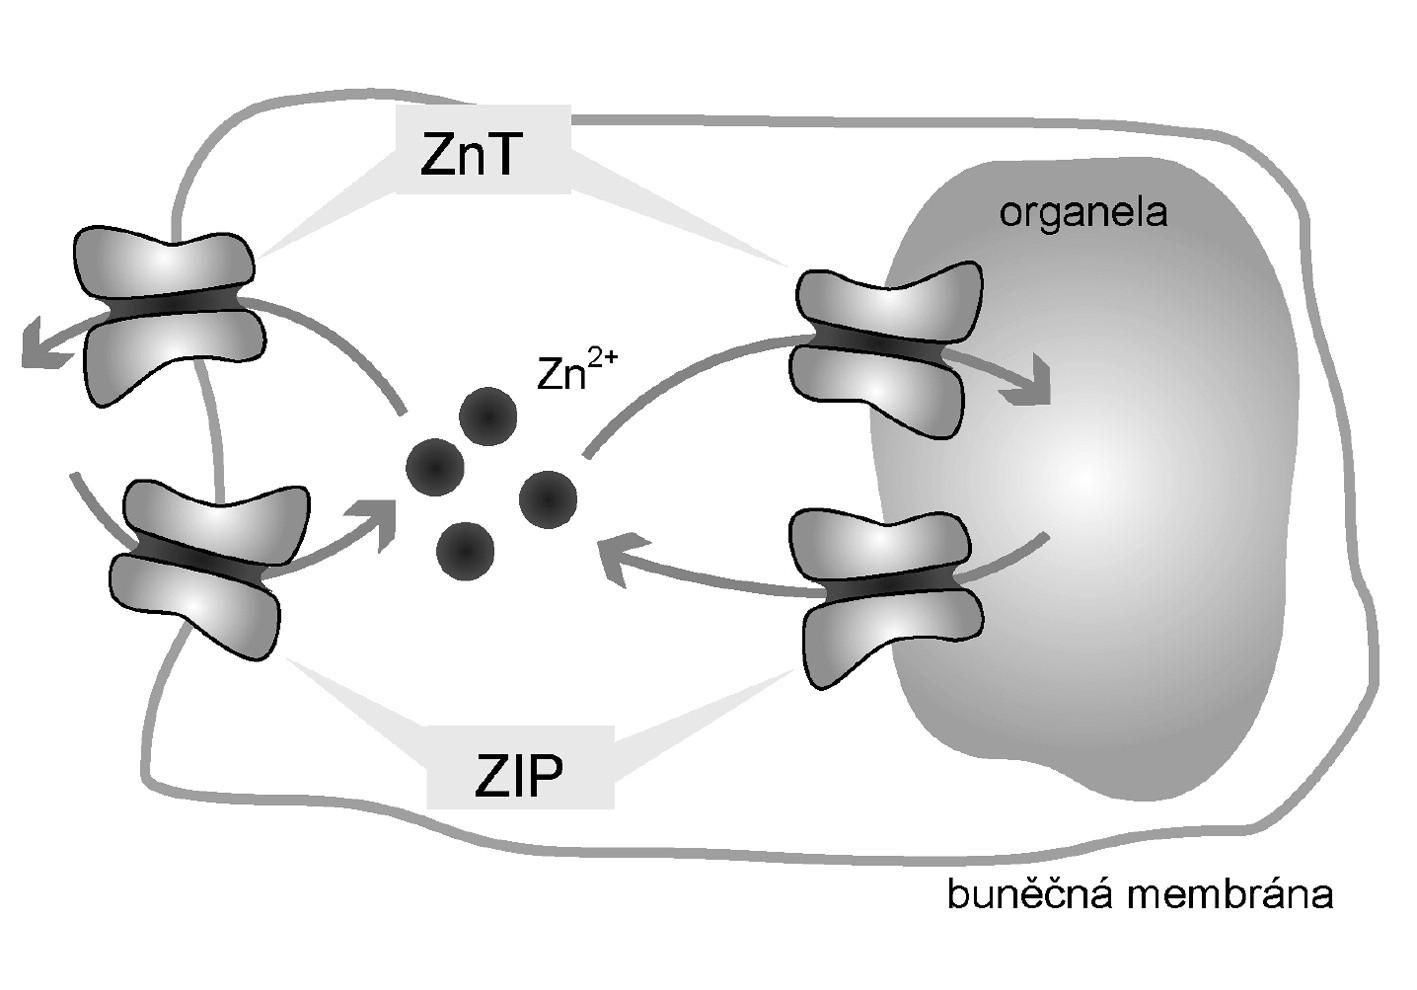 Zinkové transportéry<br> Legenda: Přenašeče ZIP zodpovídají za transport Zn<sup>2+</sup> do cytoplazmy z extracelulárního prostředí a z organel. Naopak přenašeče ZnT jsou zodpovědné za transport ven z cytoplazmy, tedy do organel a do extracelulárního prostředí.